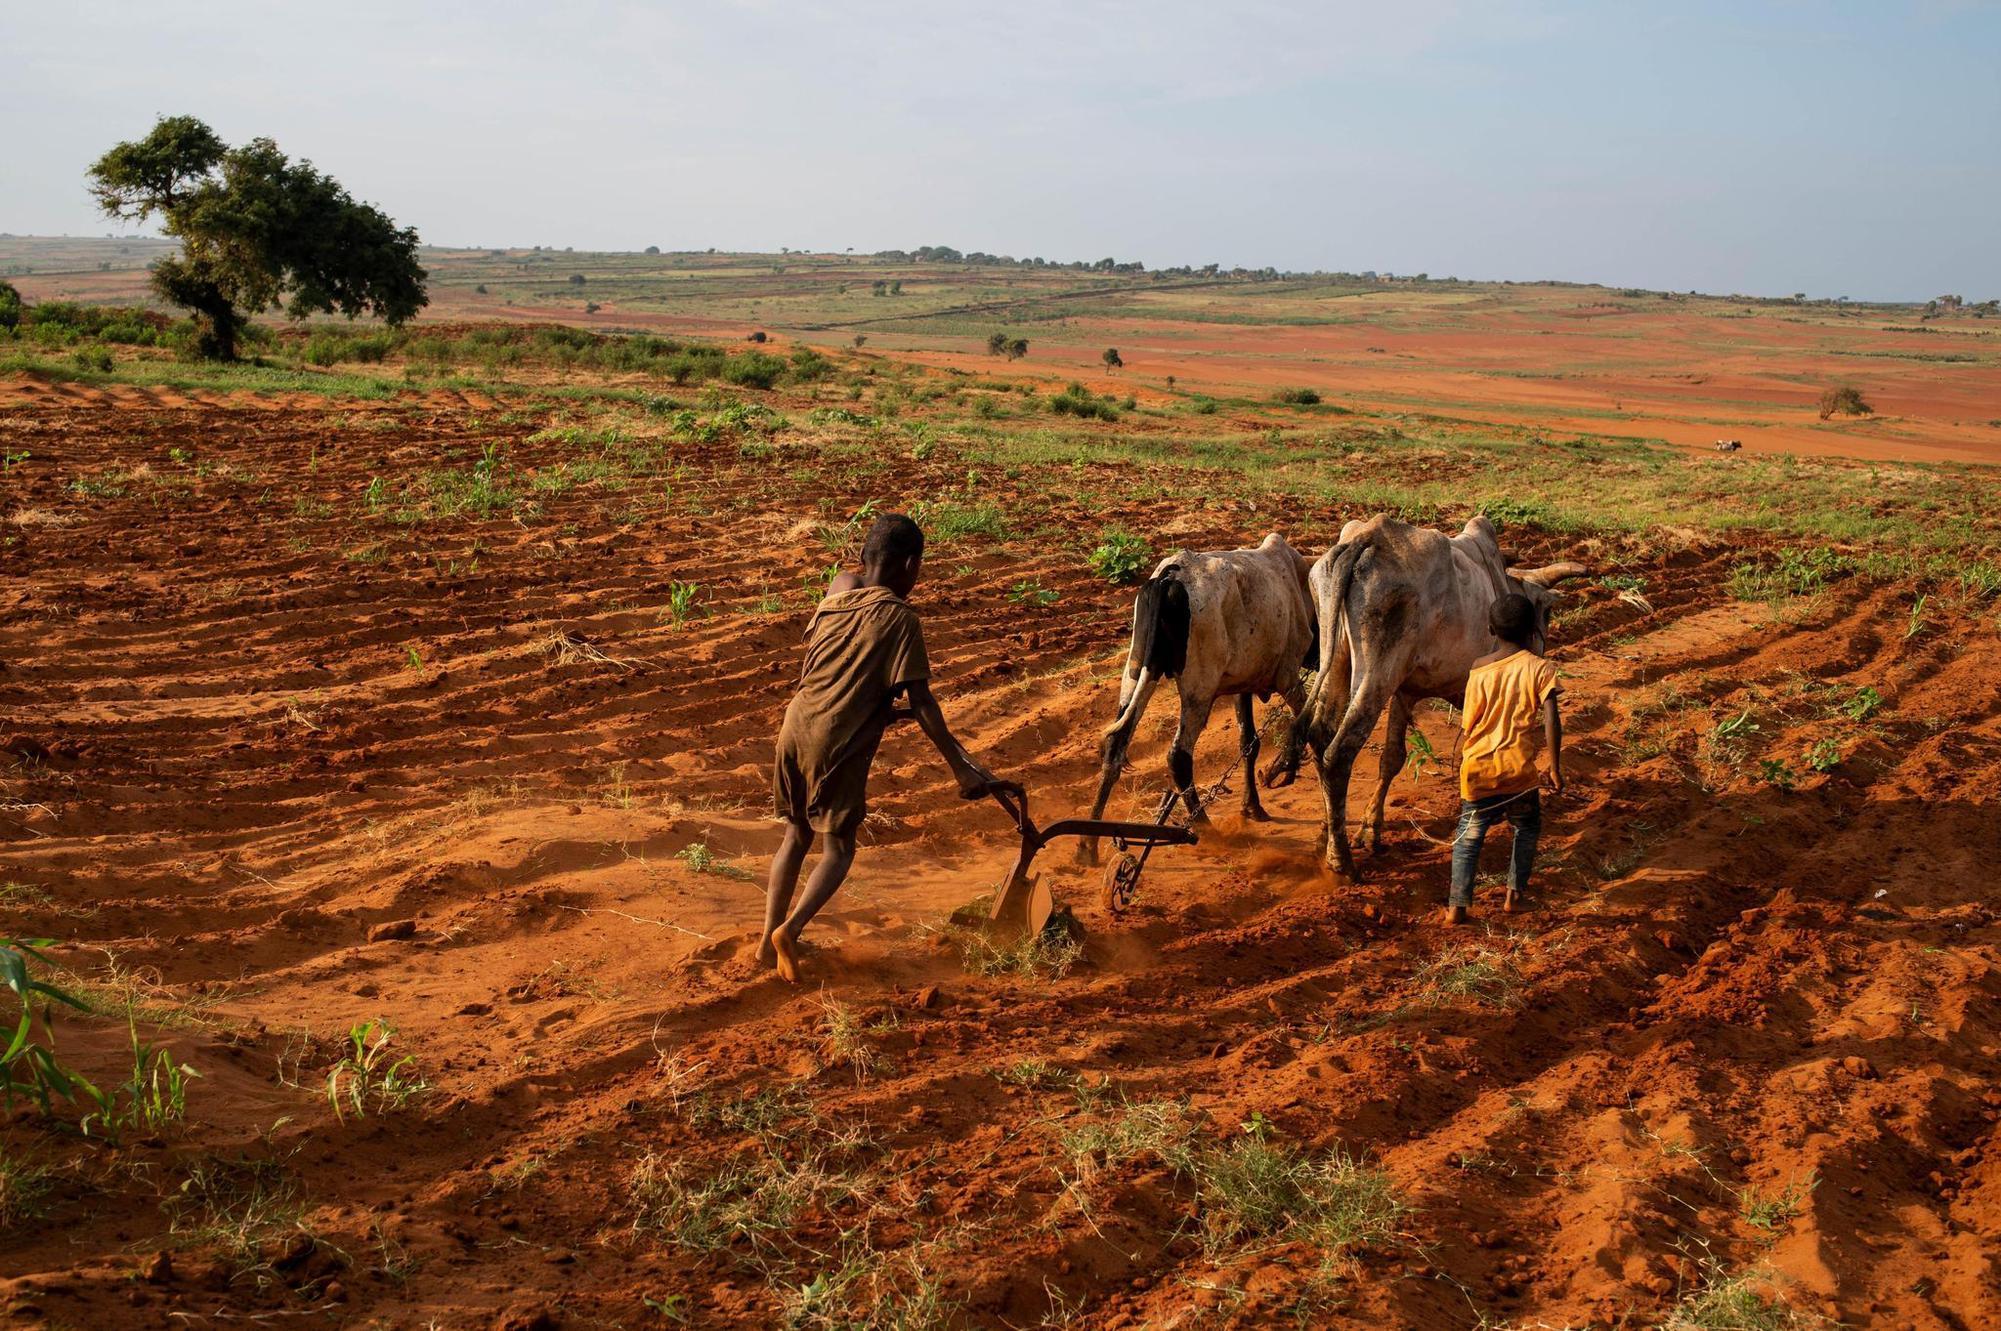 Wegen der zunehmenden Dürre ist zunehmend mit Hungersnöten zu rechnen. REUTERS